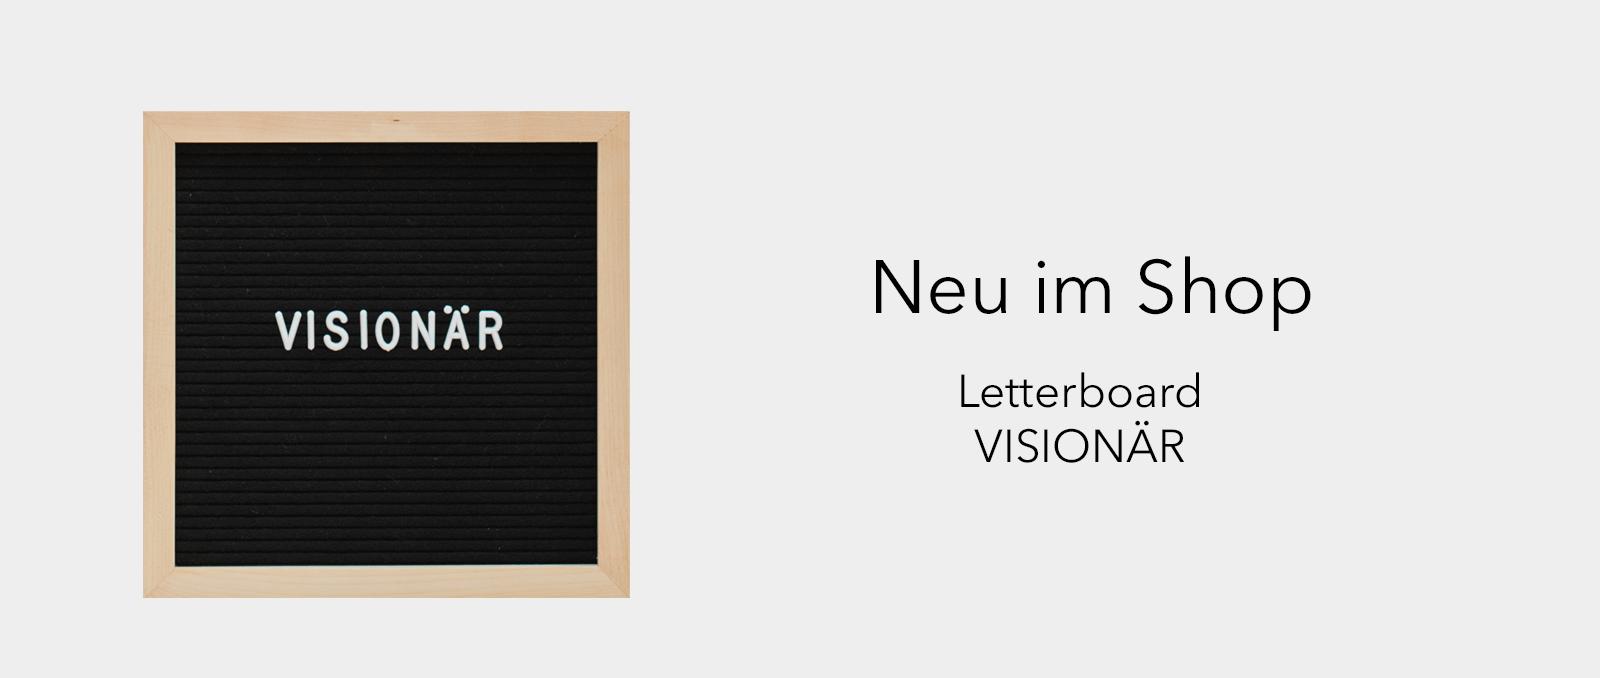 Letterboard VISIONÄR